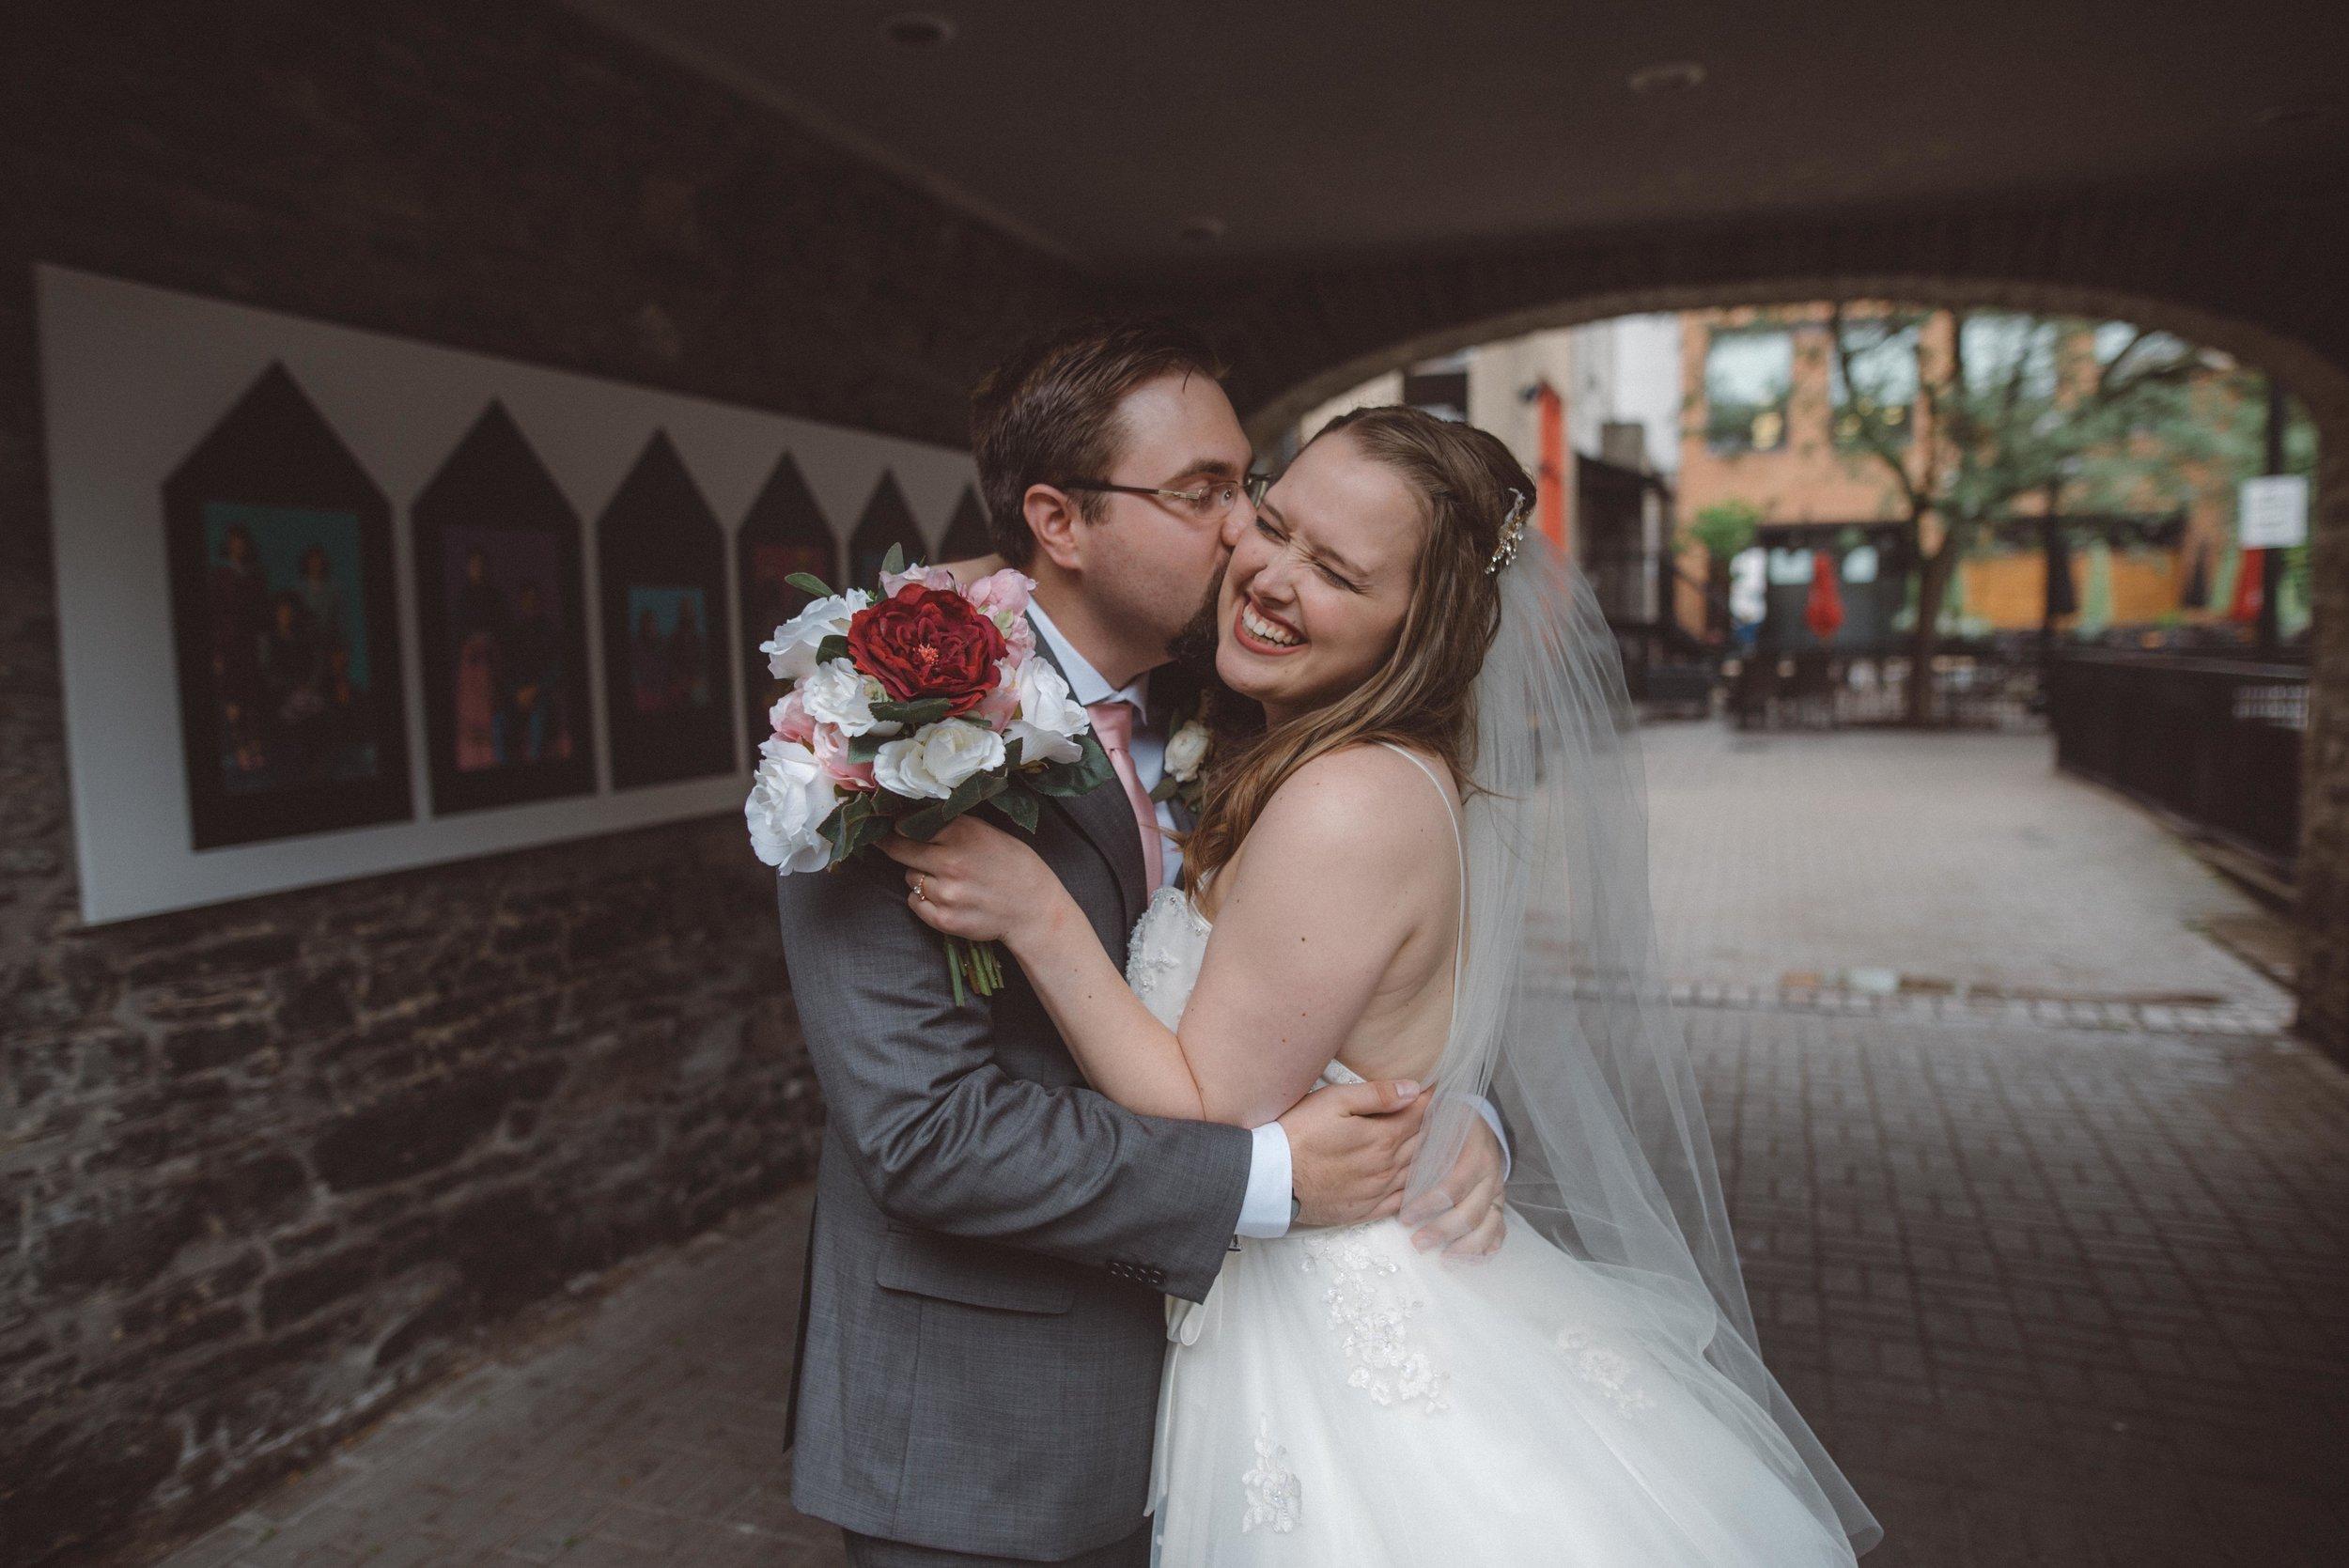 wedding_photographer_lifestyle_documentary_photographe_ottawa_gatineau-28.jpg